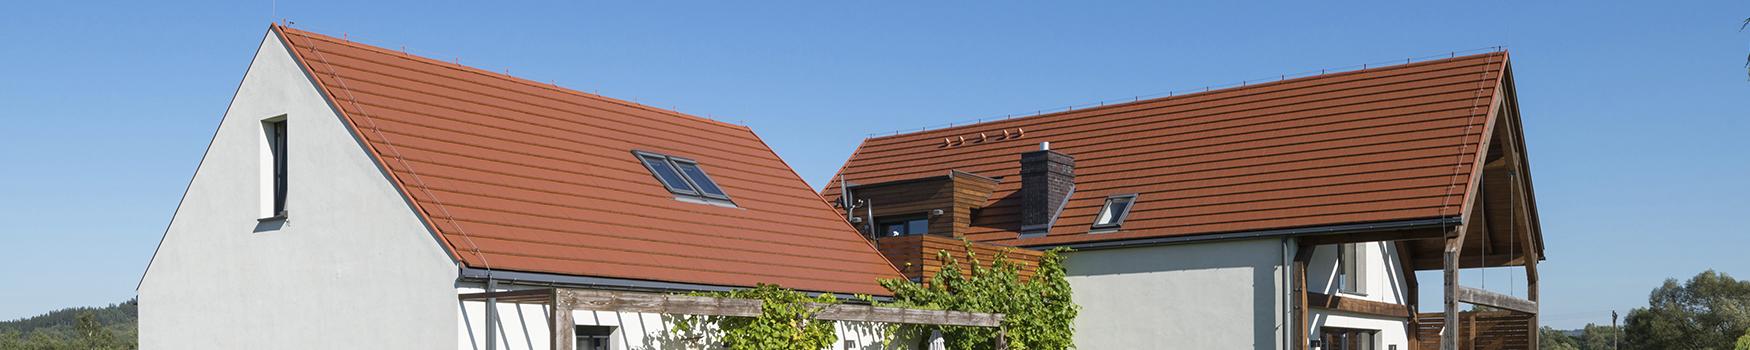 Dachówka w czerwonym kolorze – sposób na ponadczasowy dach